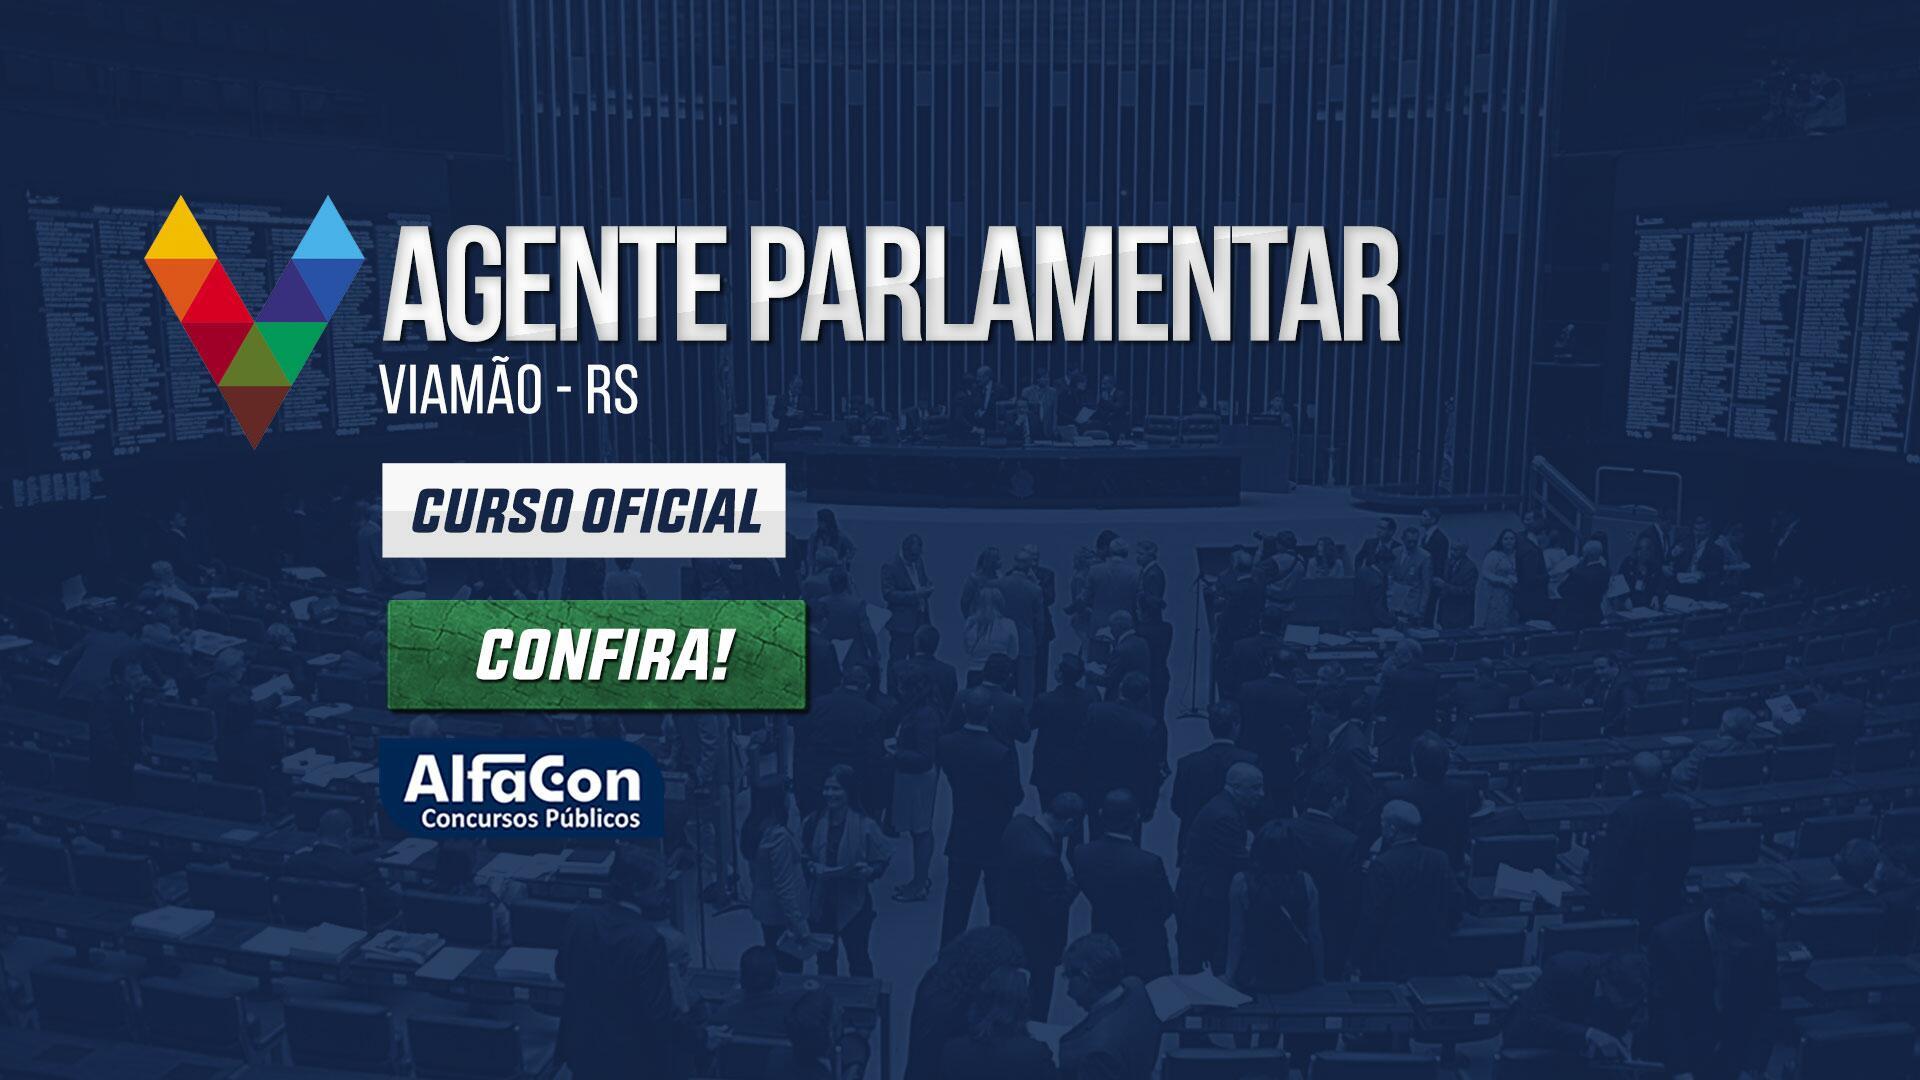 Agente Parlamentar de Viamão - RS